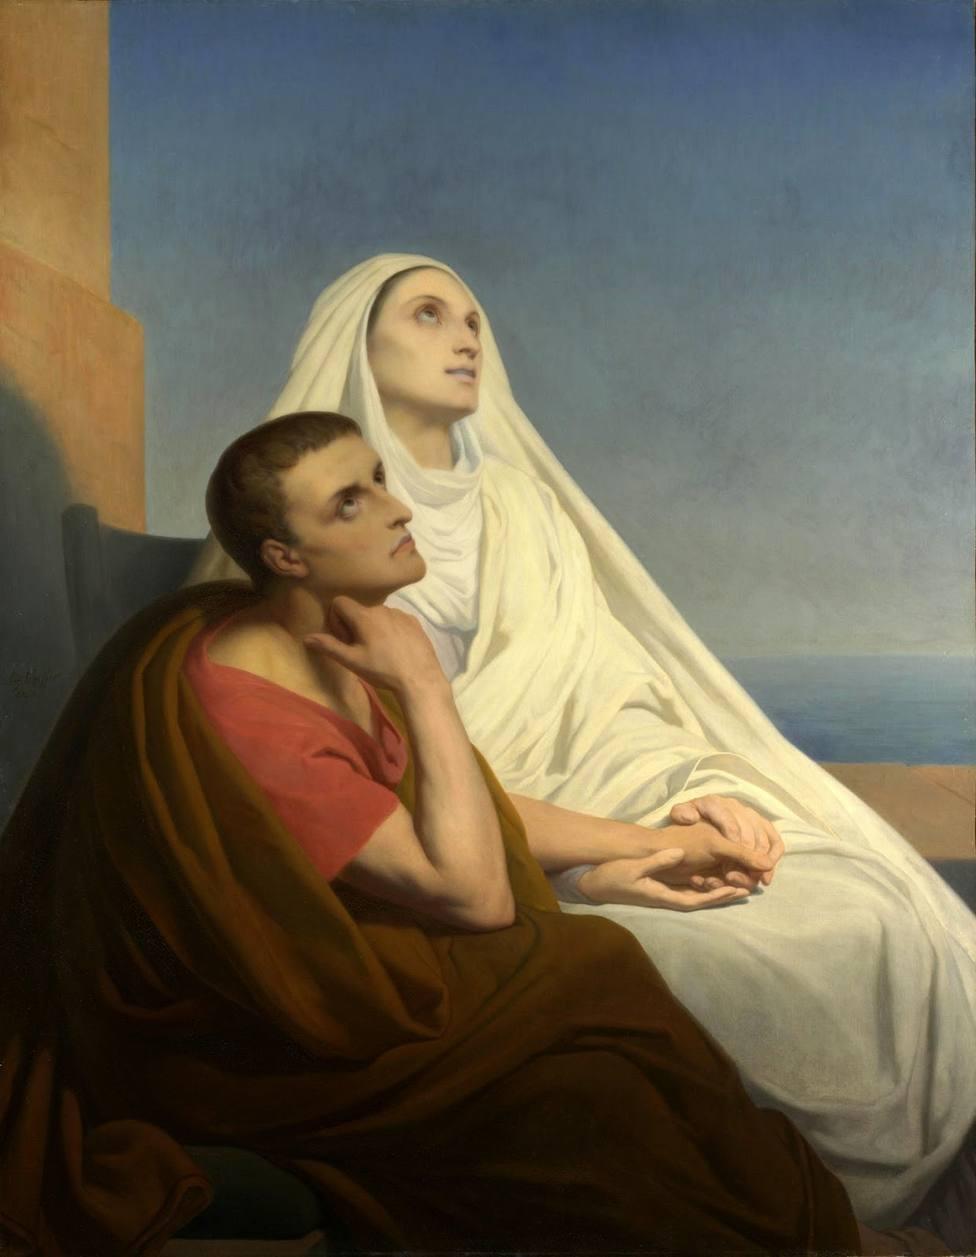 La historia de san Agustín: el doctor de la Iglesia que tuvo una juventud  rebelde - Santoral - COPE